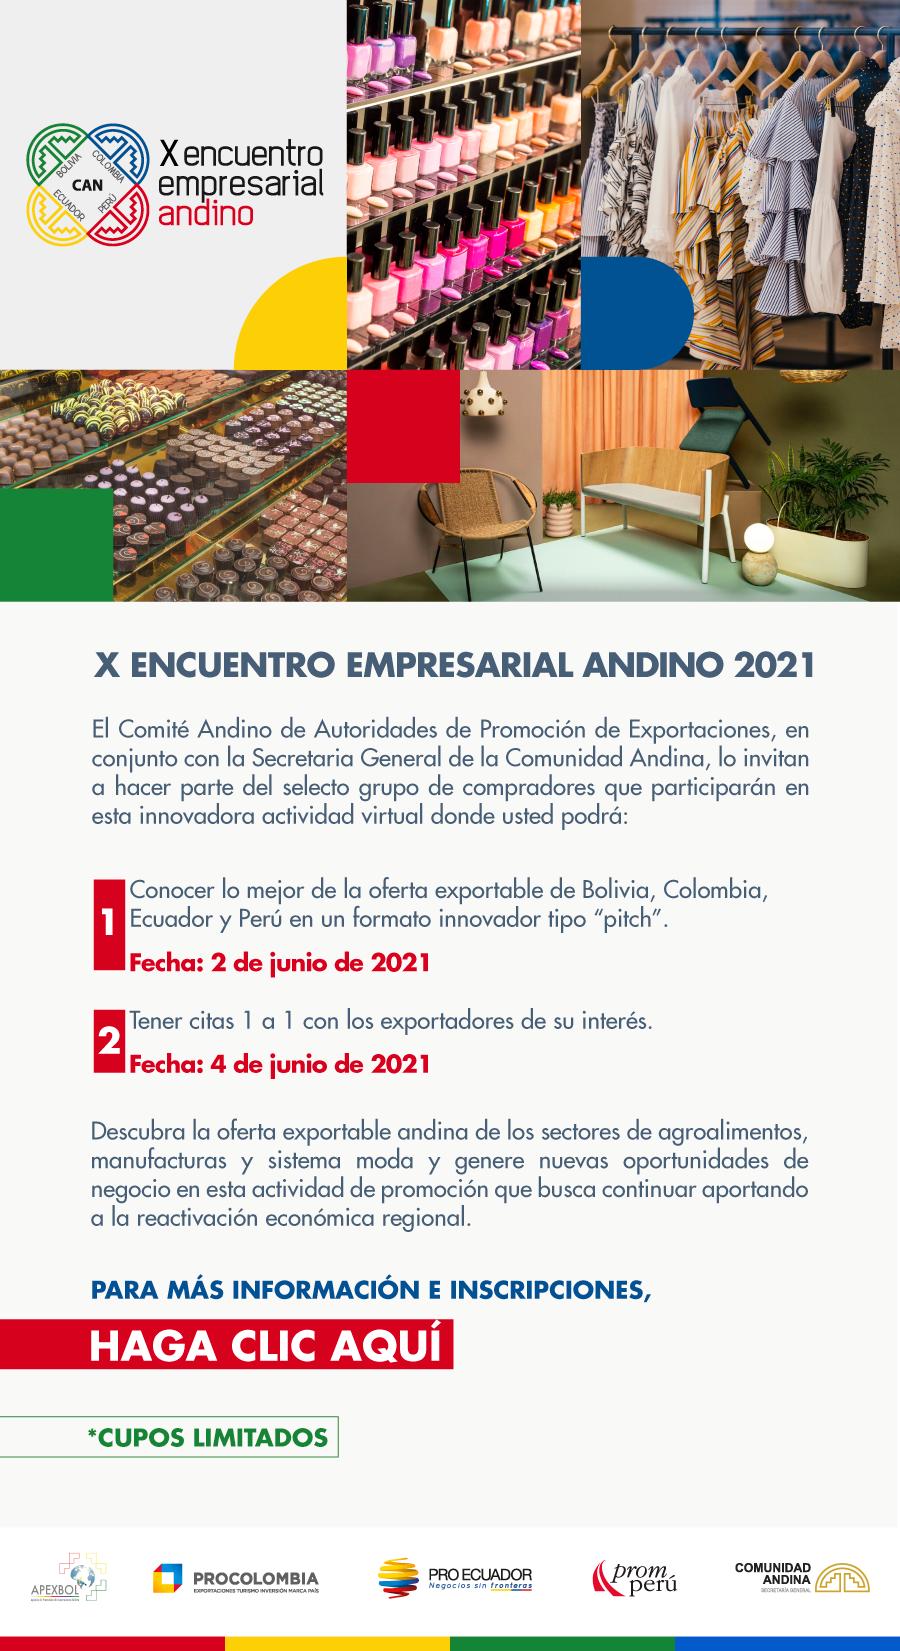 X Encuentro Empresarial Andino 2021 - 2 de junio de 2021